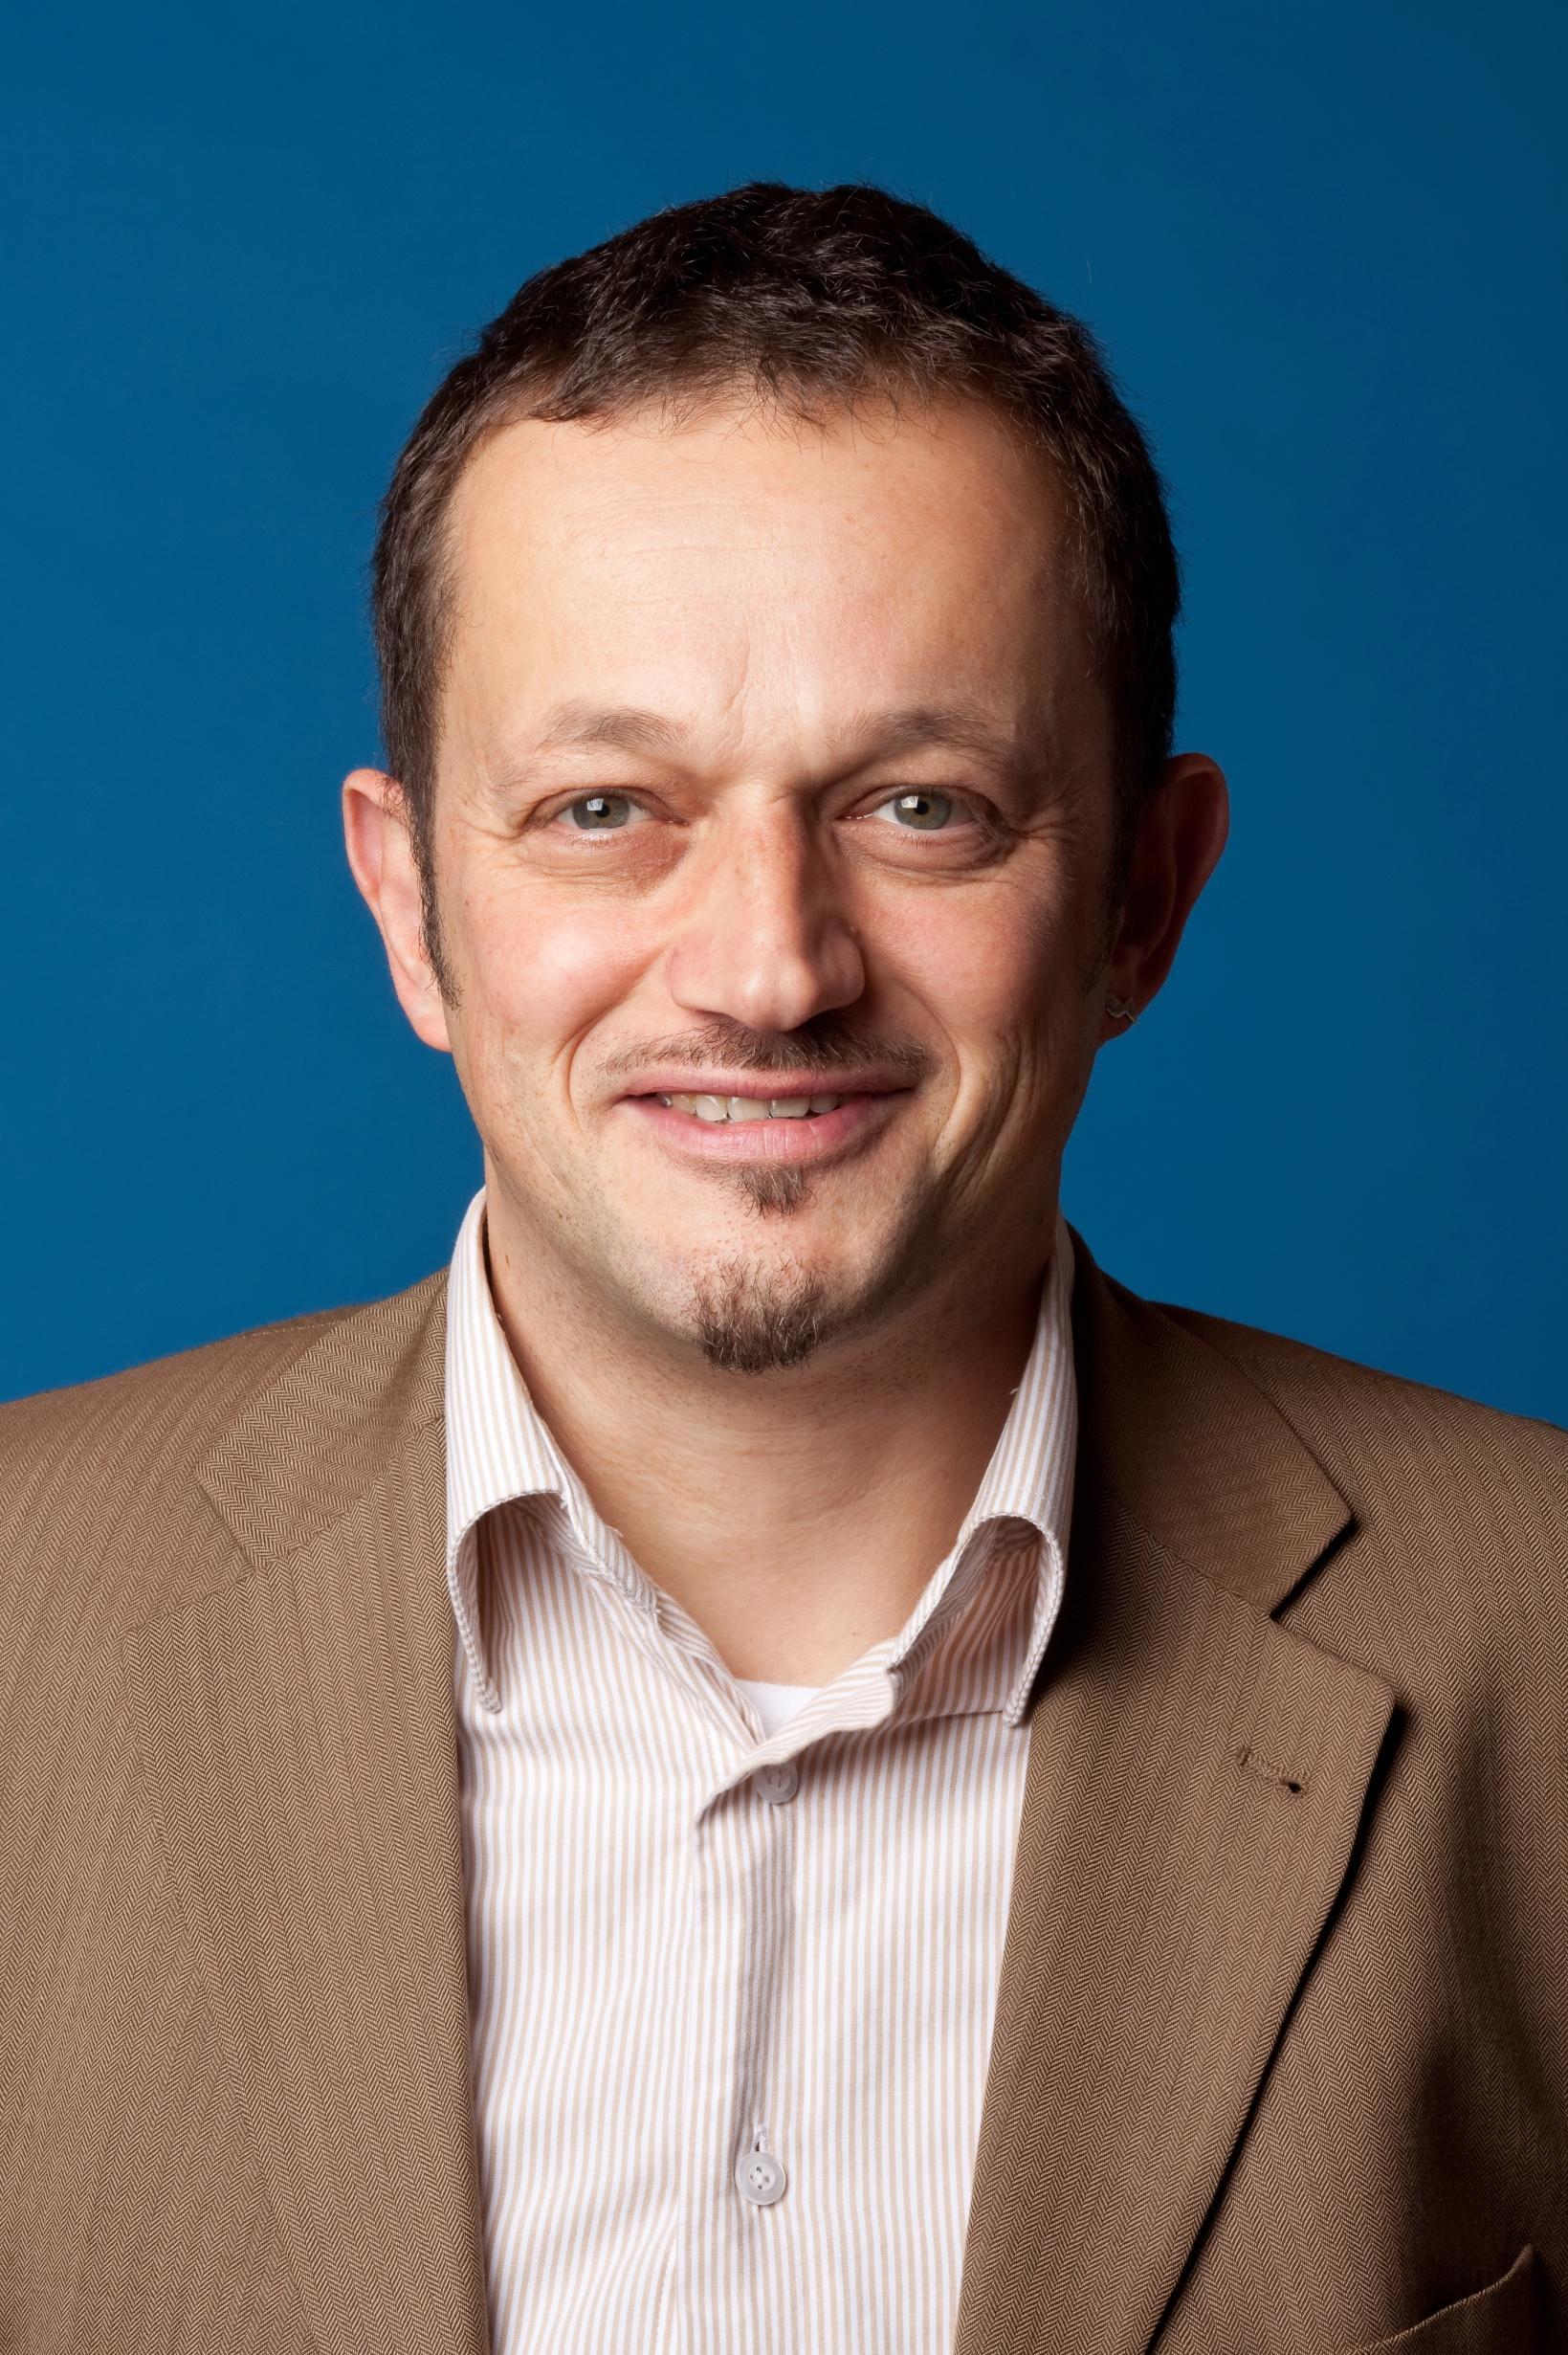 Alexander Birner, Steuerberater